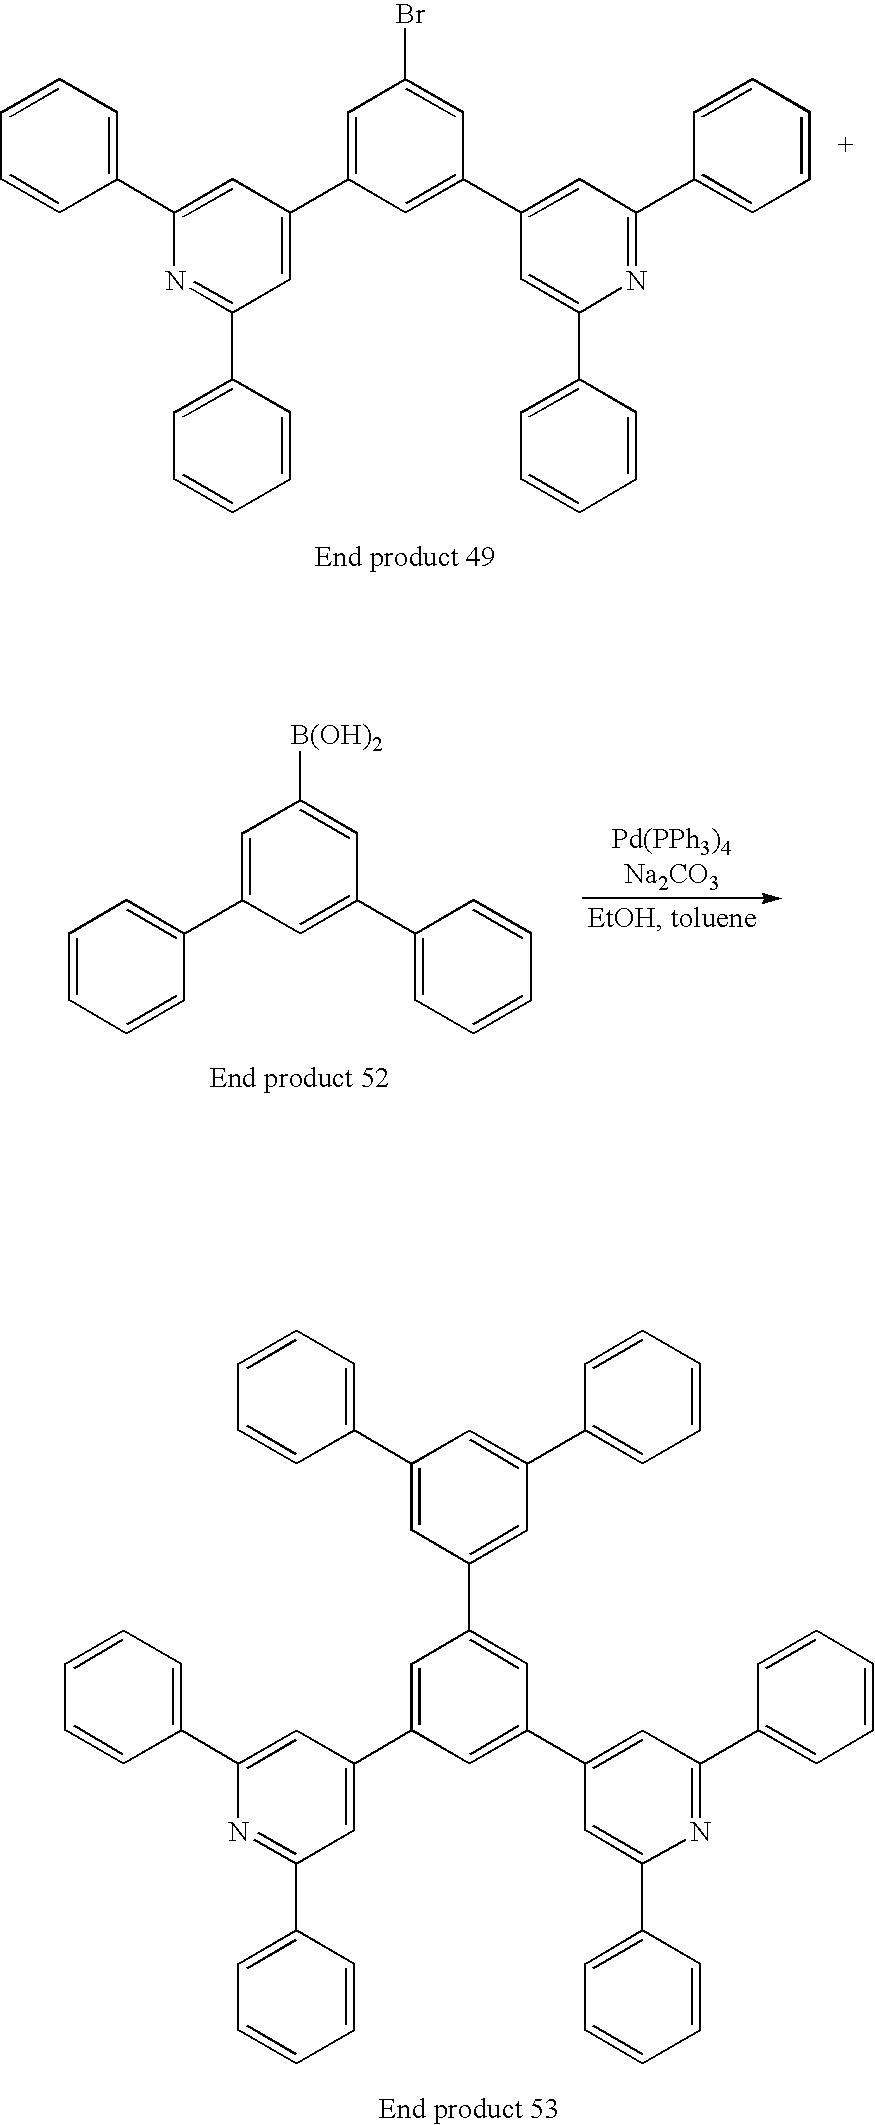 Figure US20060186796A1-20060824-C00167